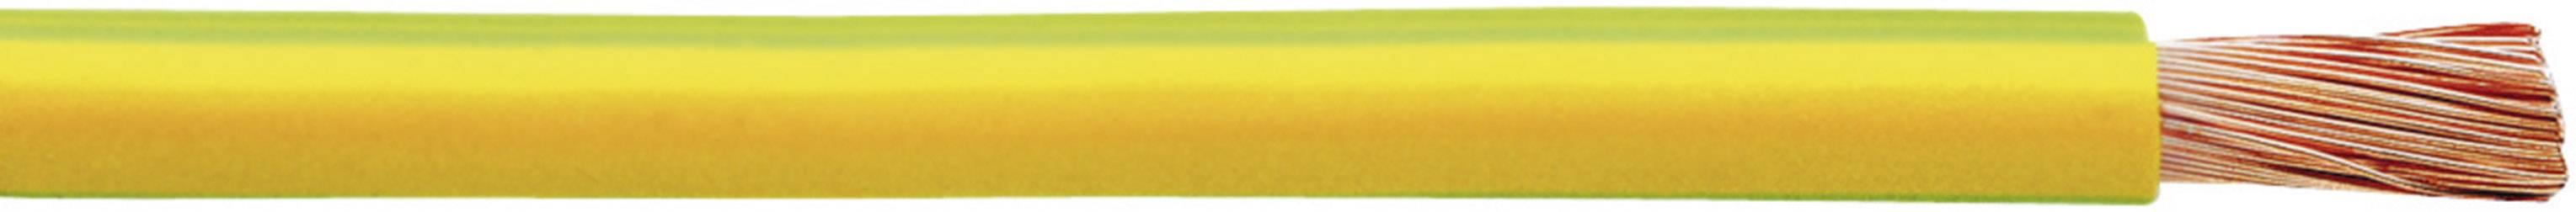 Opletenie / lanko Faber Kabel 040034 H07V-K, 1 x 1.50 mm², vonkajší Ø 2.80 mm, 100 m, červená